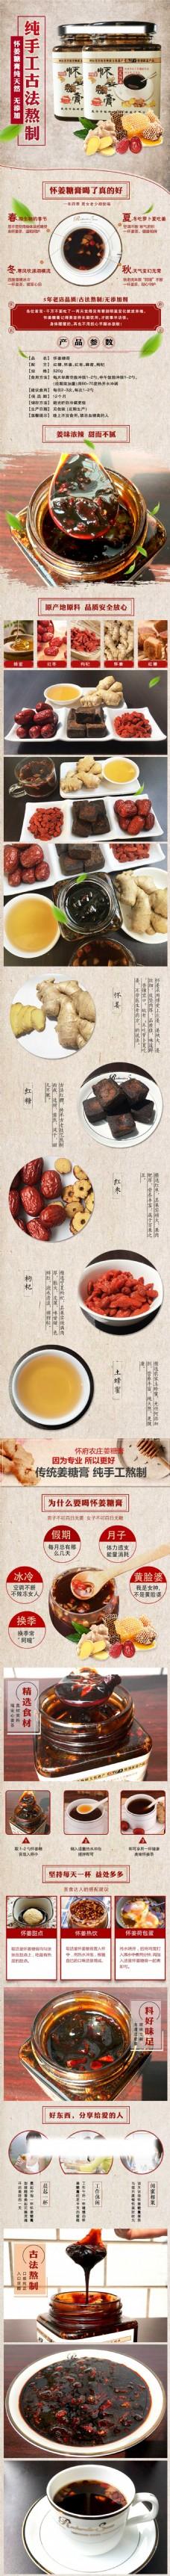 怀姜糖膏淘宝详情页